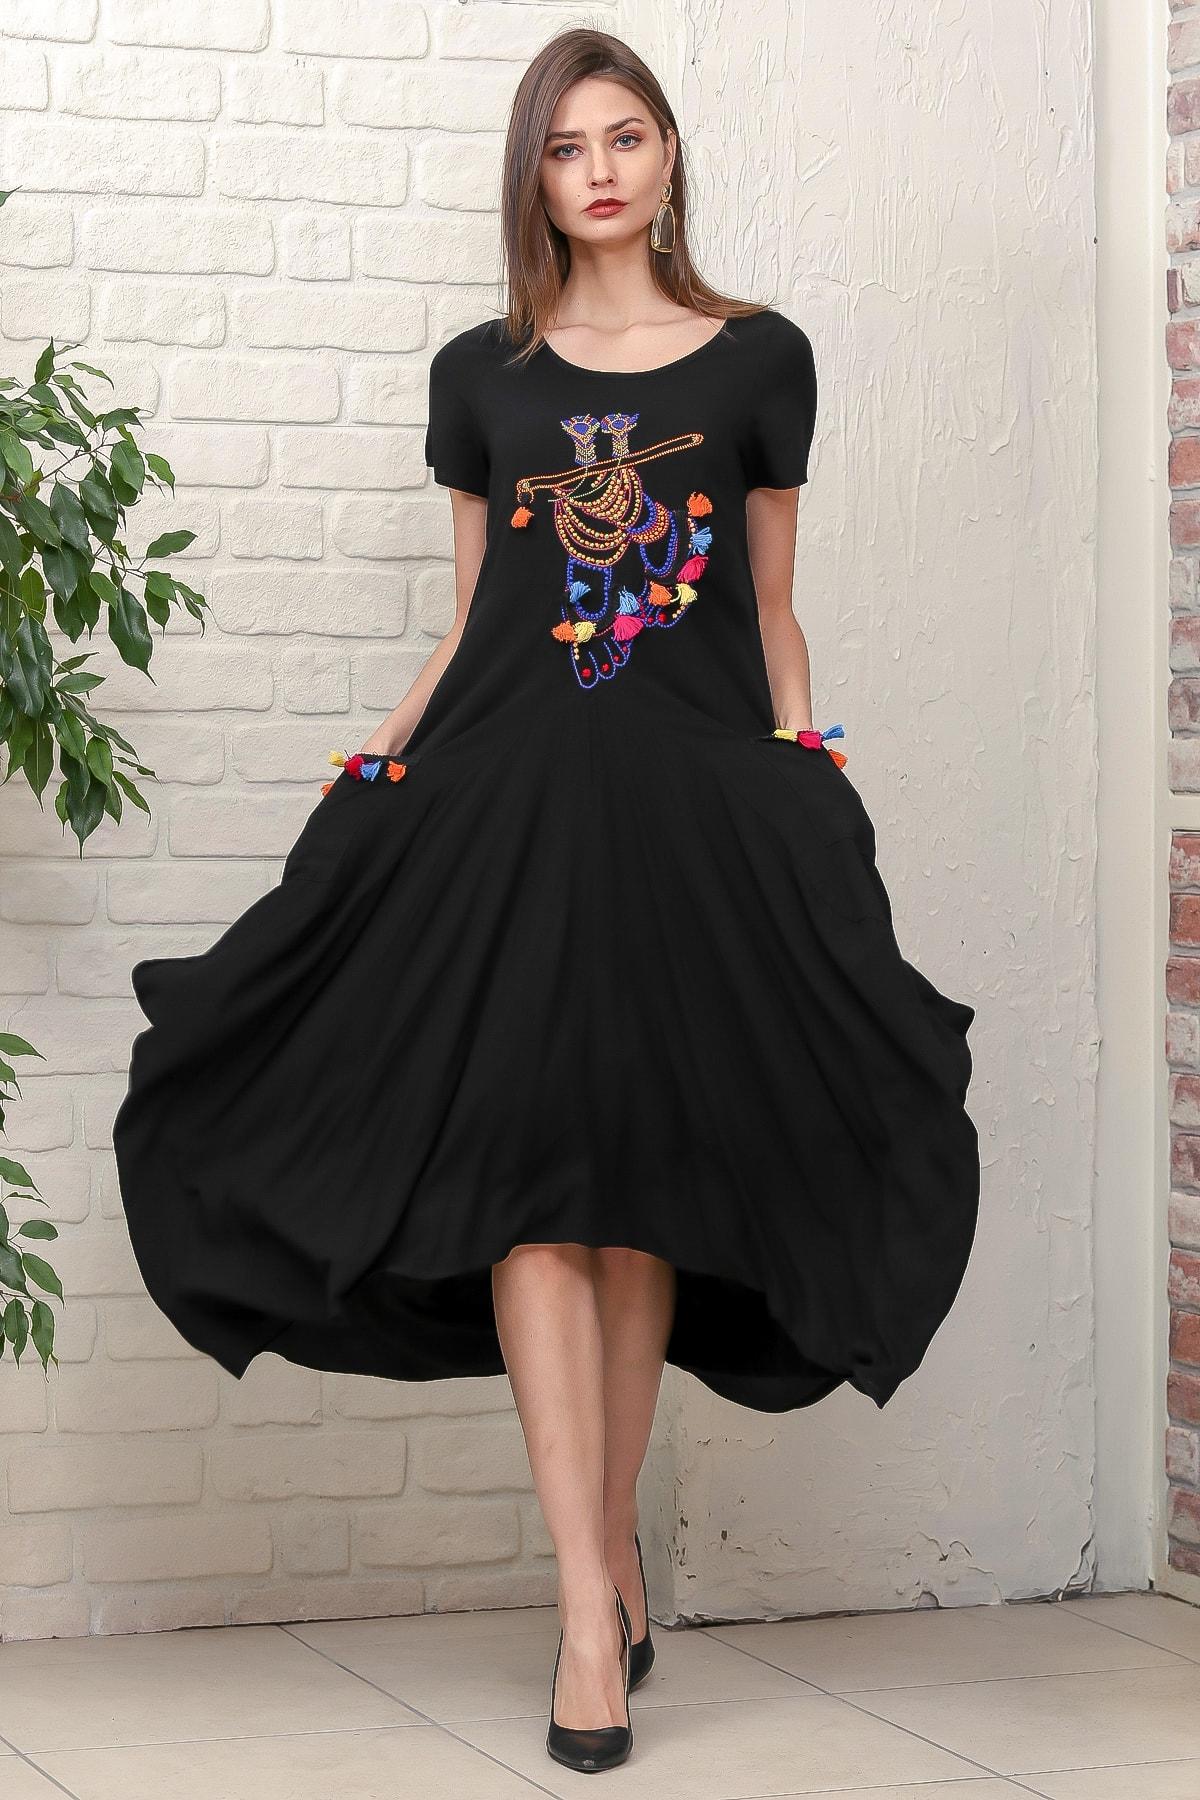 Chiccy Kadın Siyah Bohem Ayak Nakışlı Yarım Kollu Cepli Asimetrik Salaş Dokuma Elbise M10160000EL95884 0